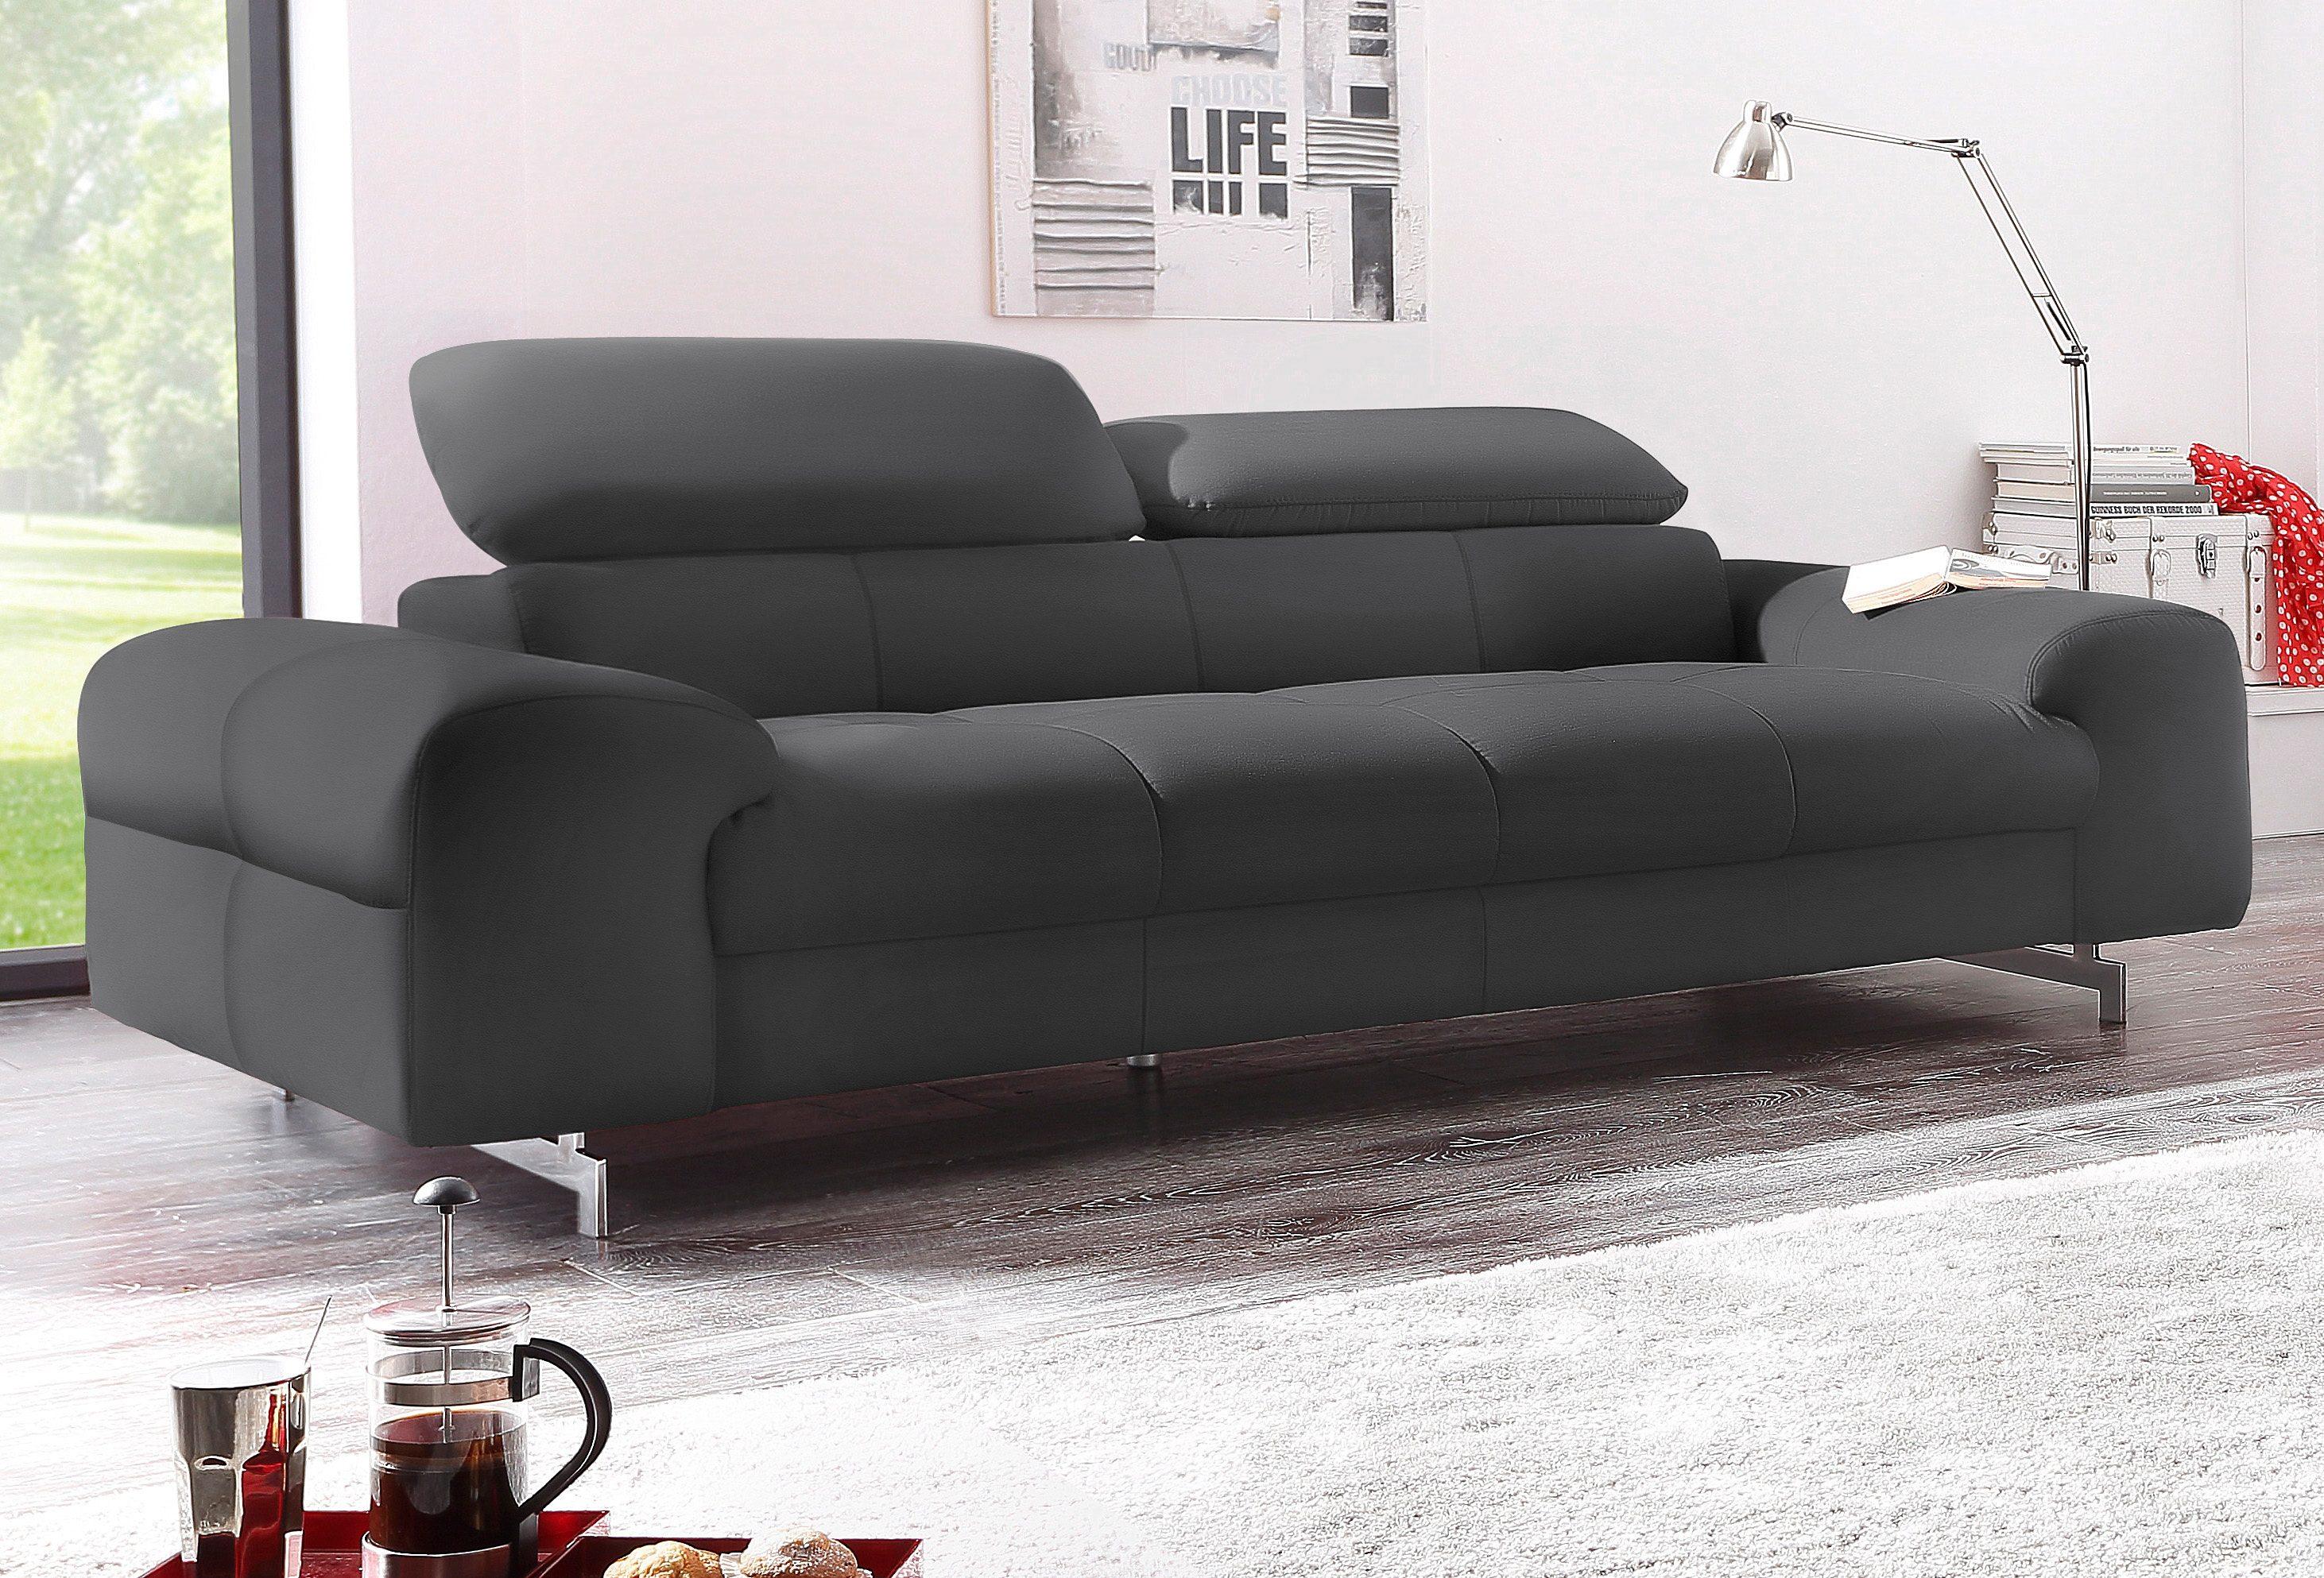 3-Sitzer   Wohnzimmer > Sofas & Couches > 2 & 3 Sitzer Sofas   Leder - Microfaser   COTTA